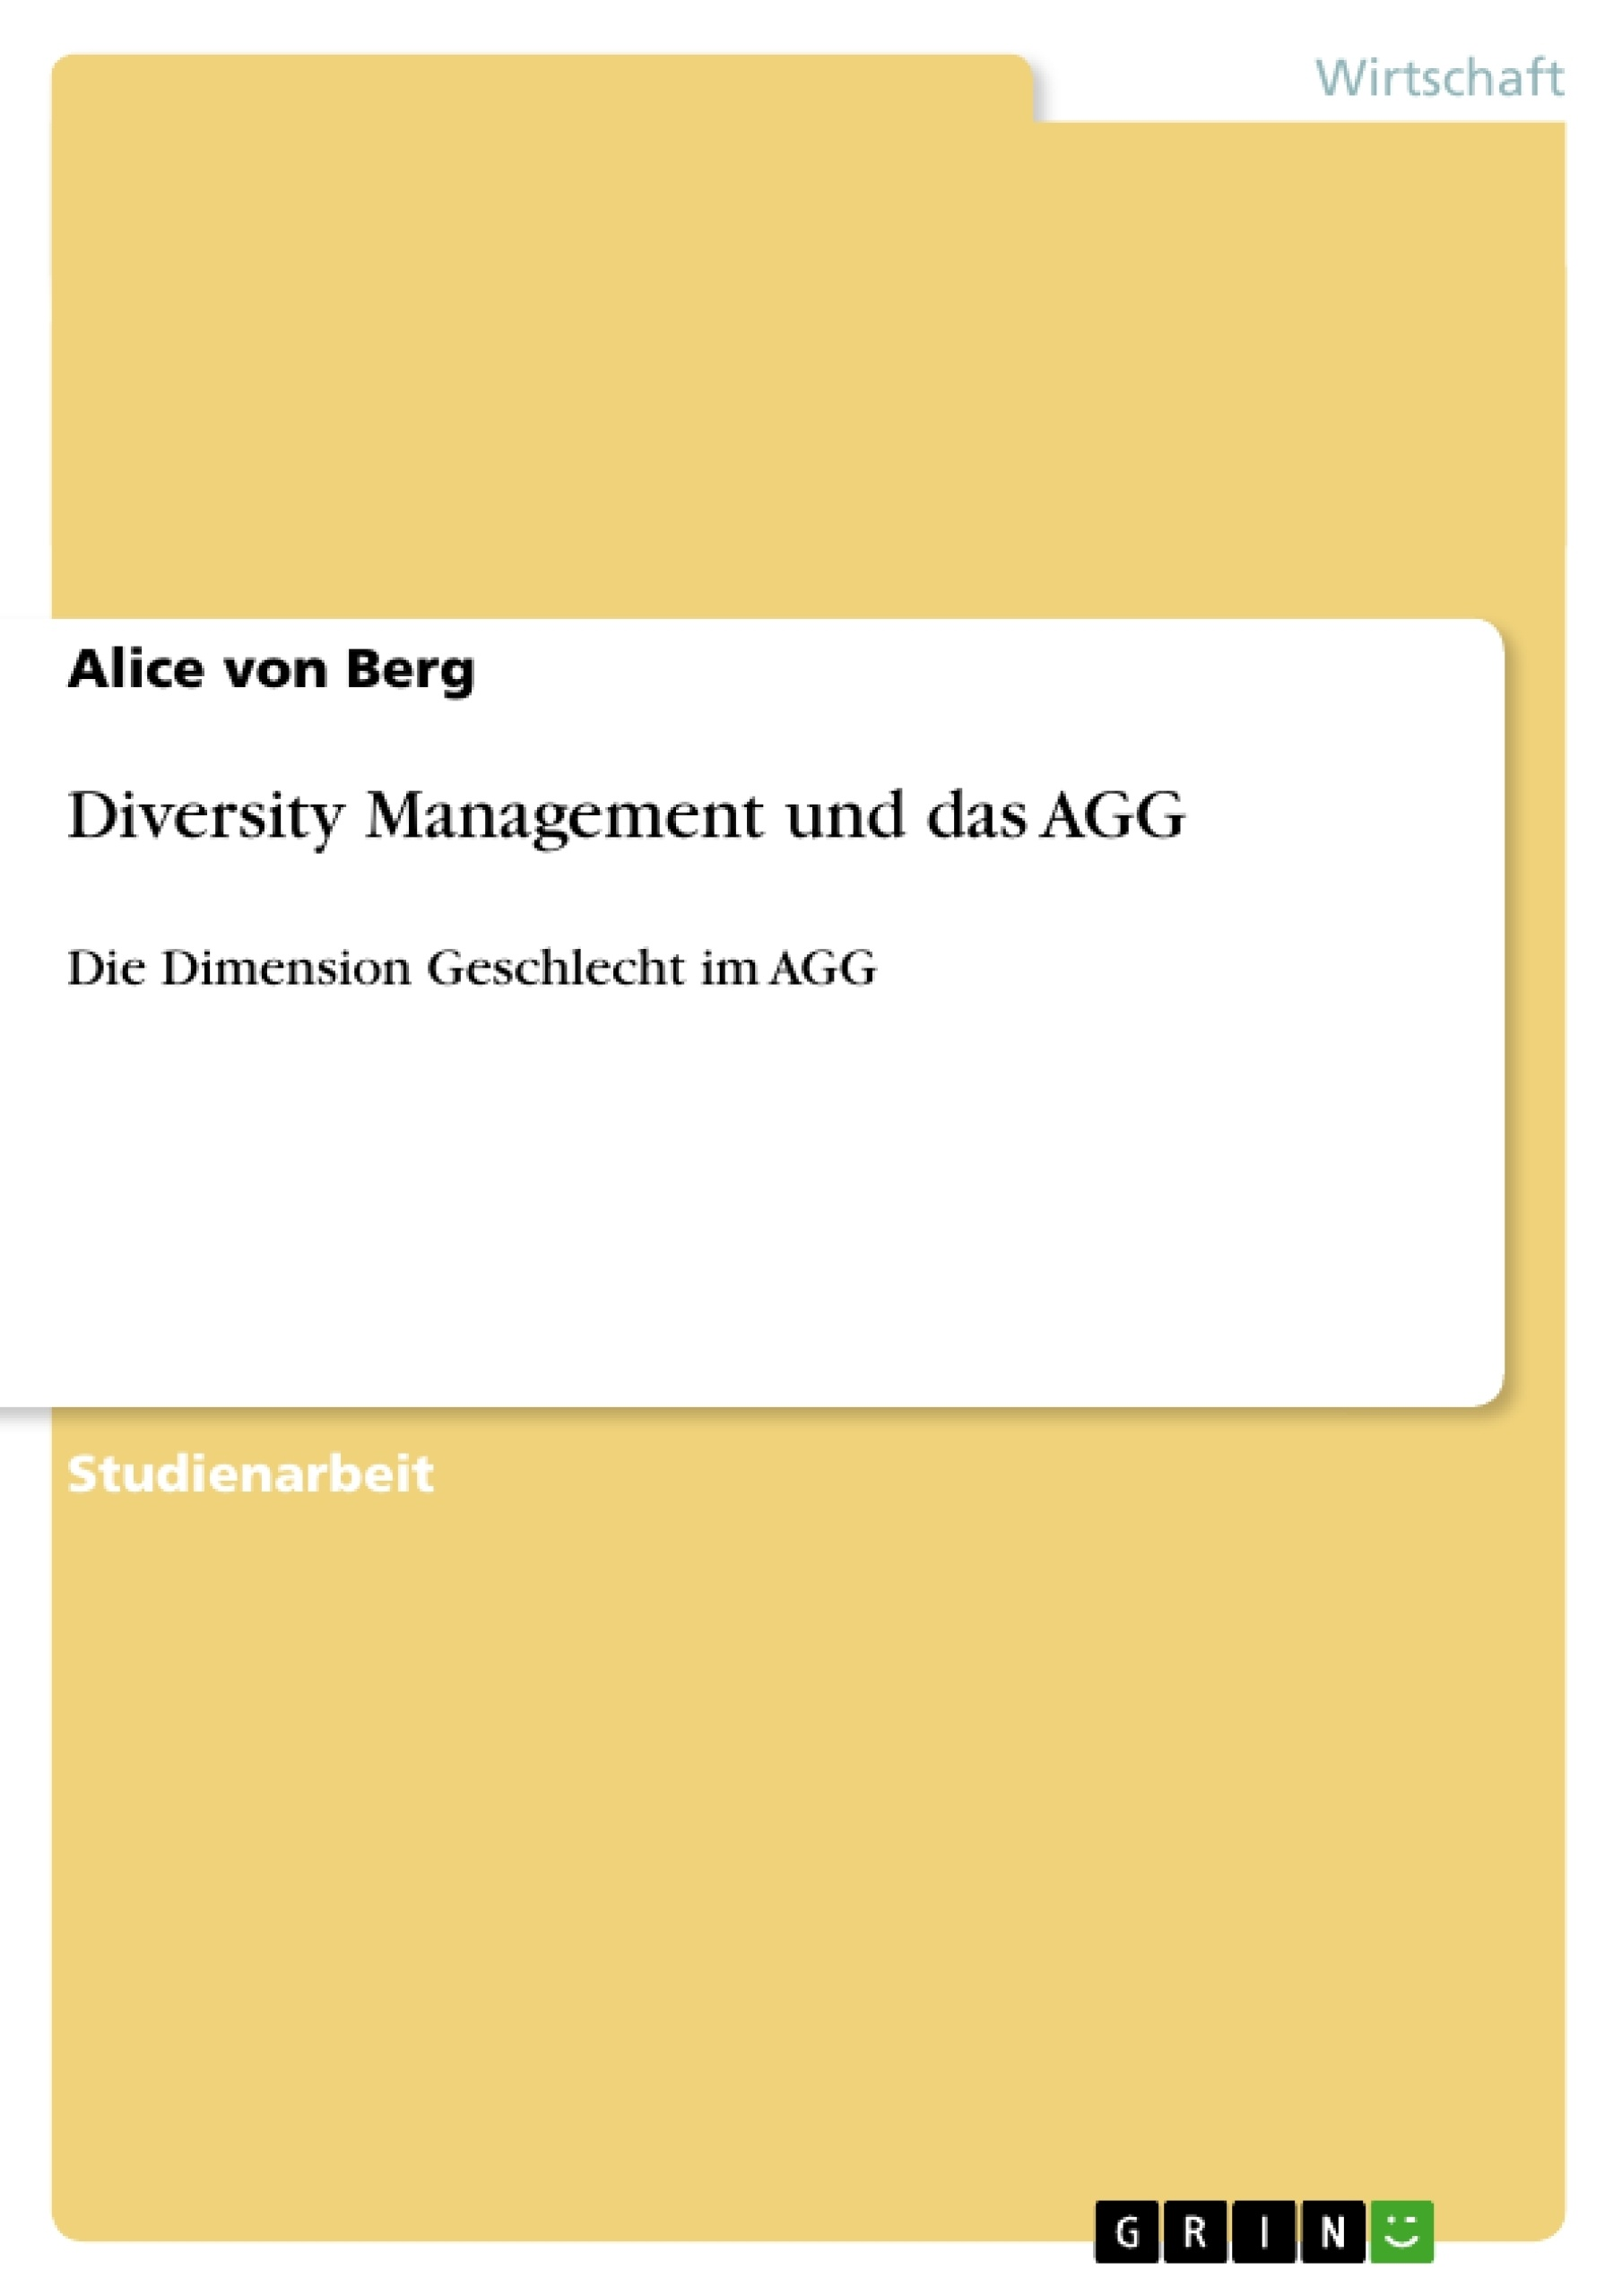 Titel: Diversity Management und das AGG